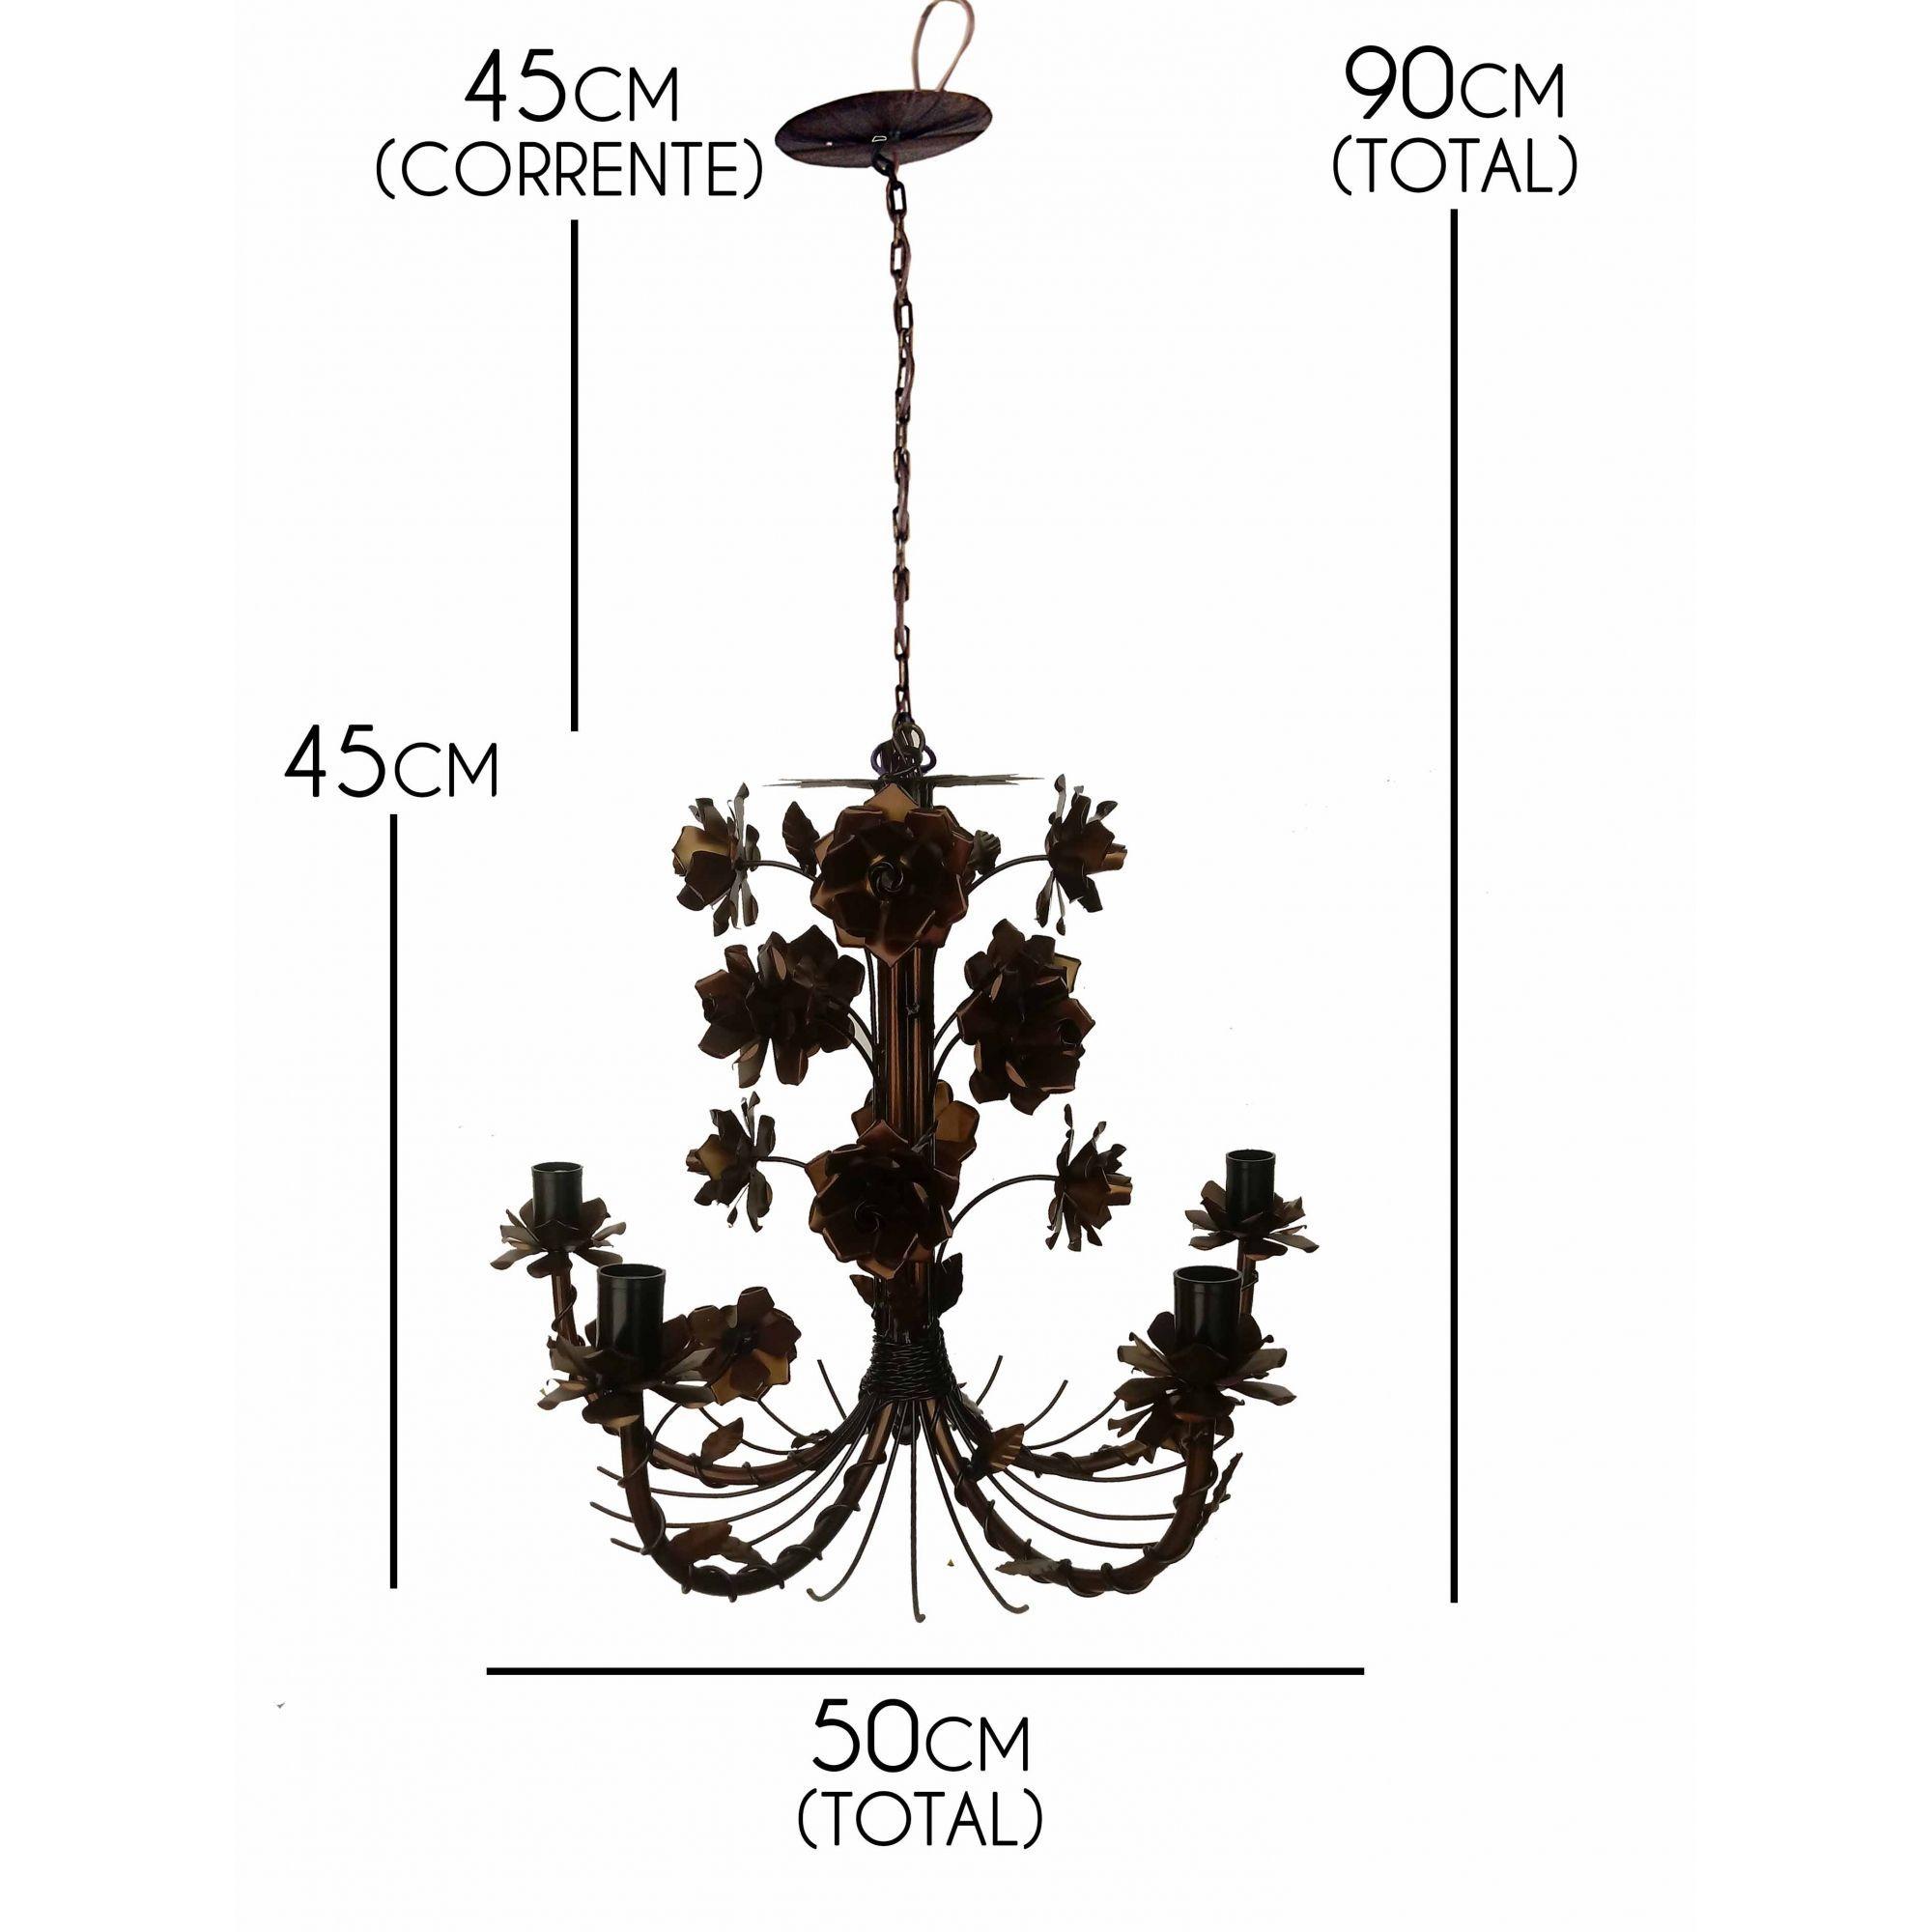 Luminaria Bonita de Ferro para Sala de Estar e Copa com Flores Rustica